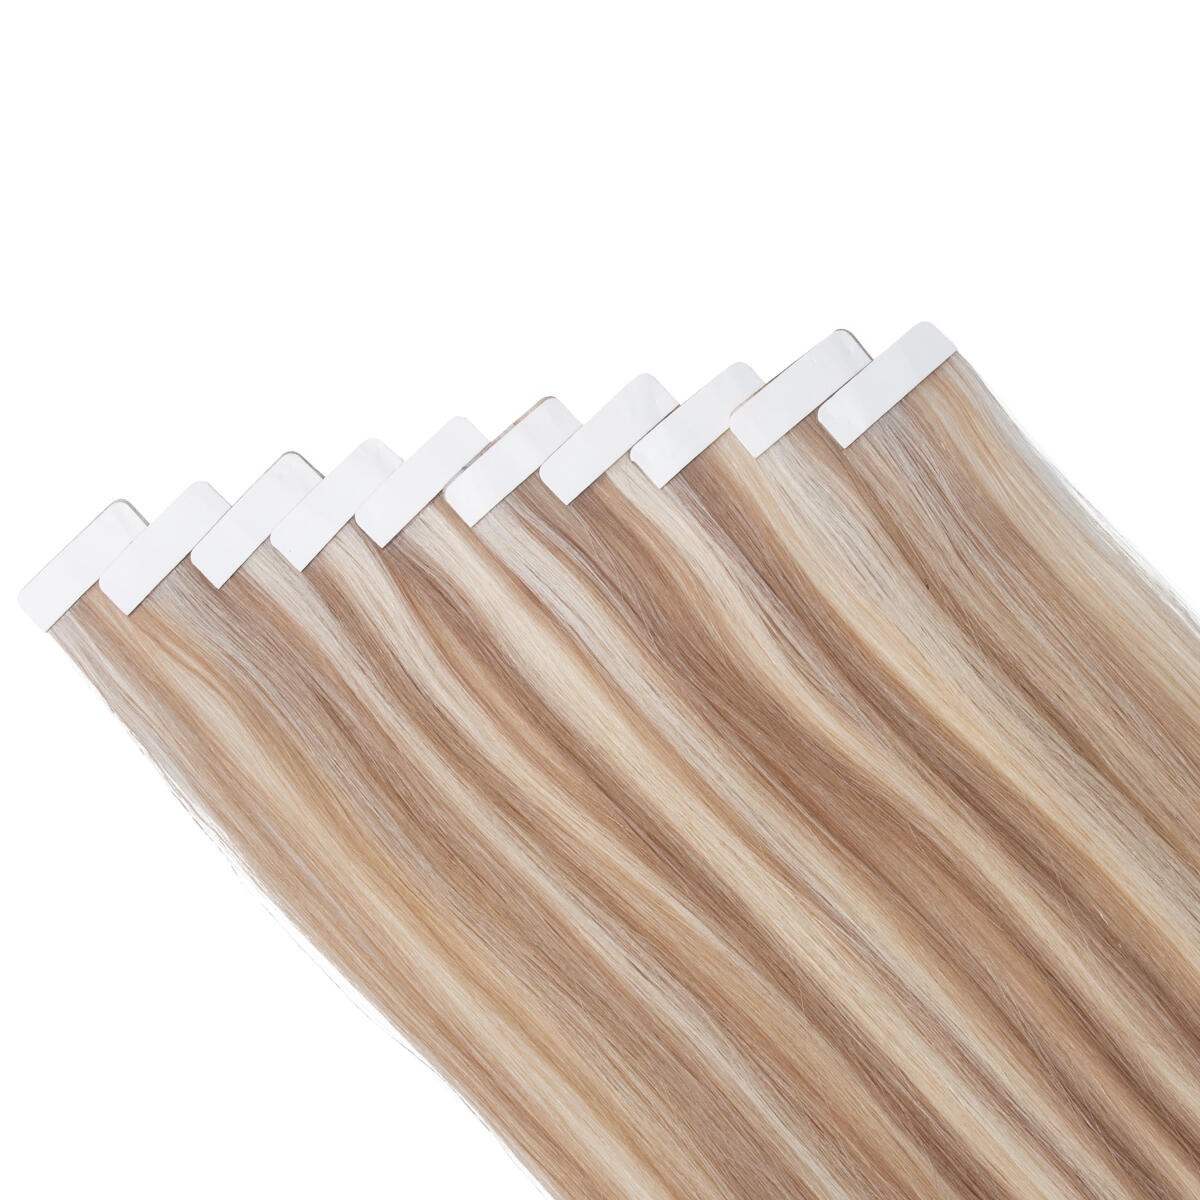 Rapunzel Sleek Tape Extension M7.3/10.8 Cendre Ash Blonde Mix 25 cm